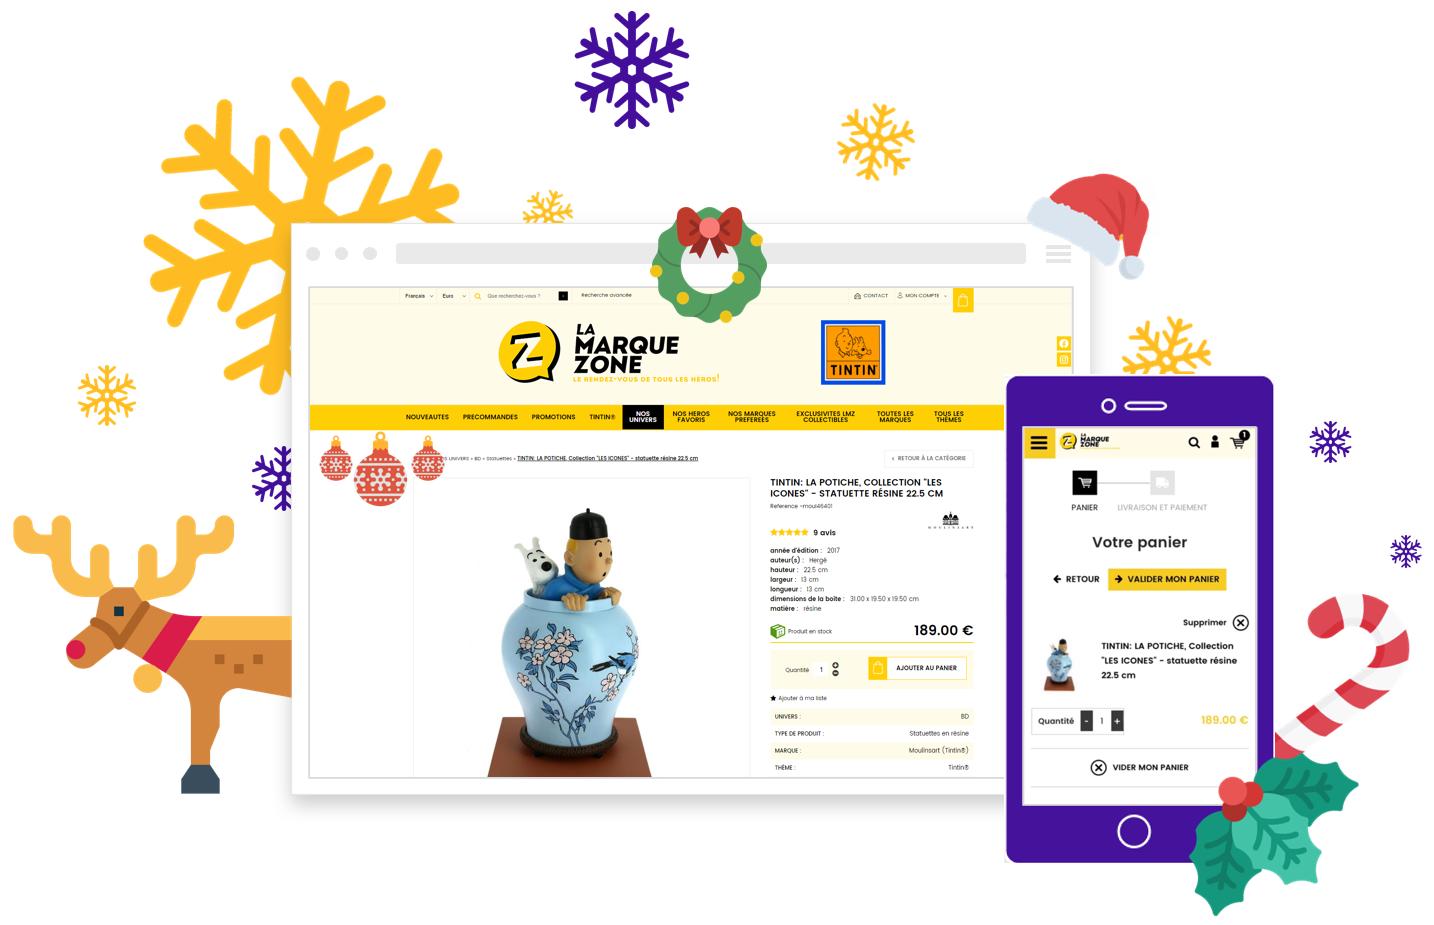 Conseils pour vendre en ligne avec son site e commerce durant les fetes de Noel